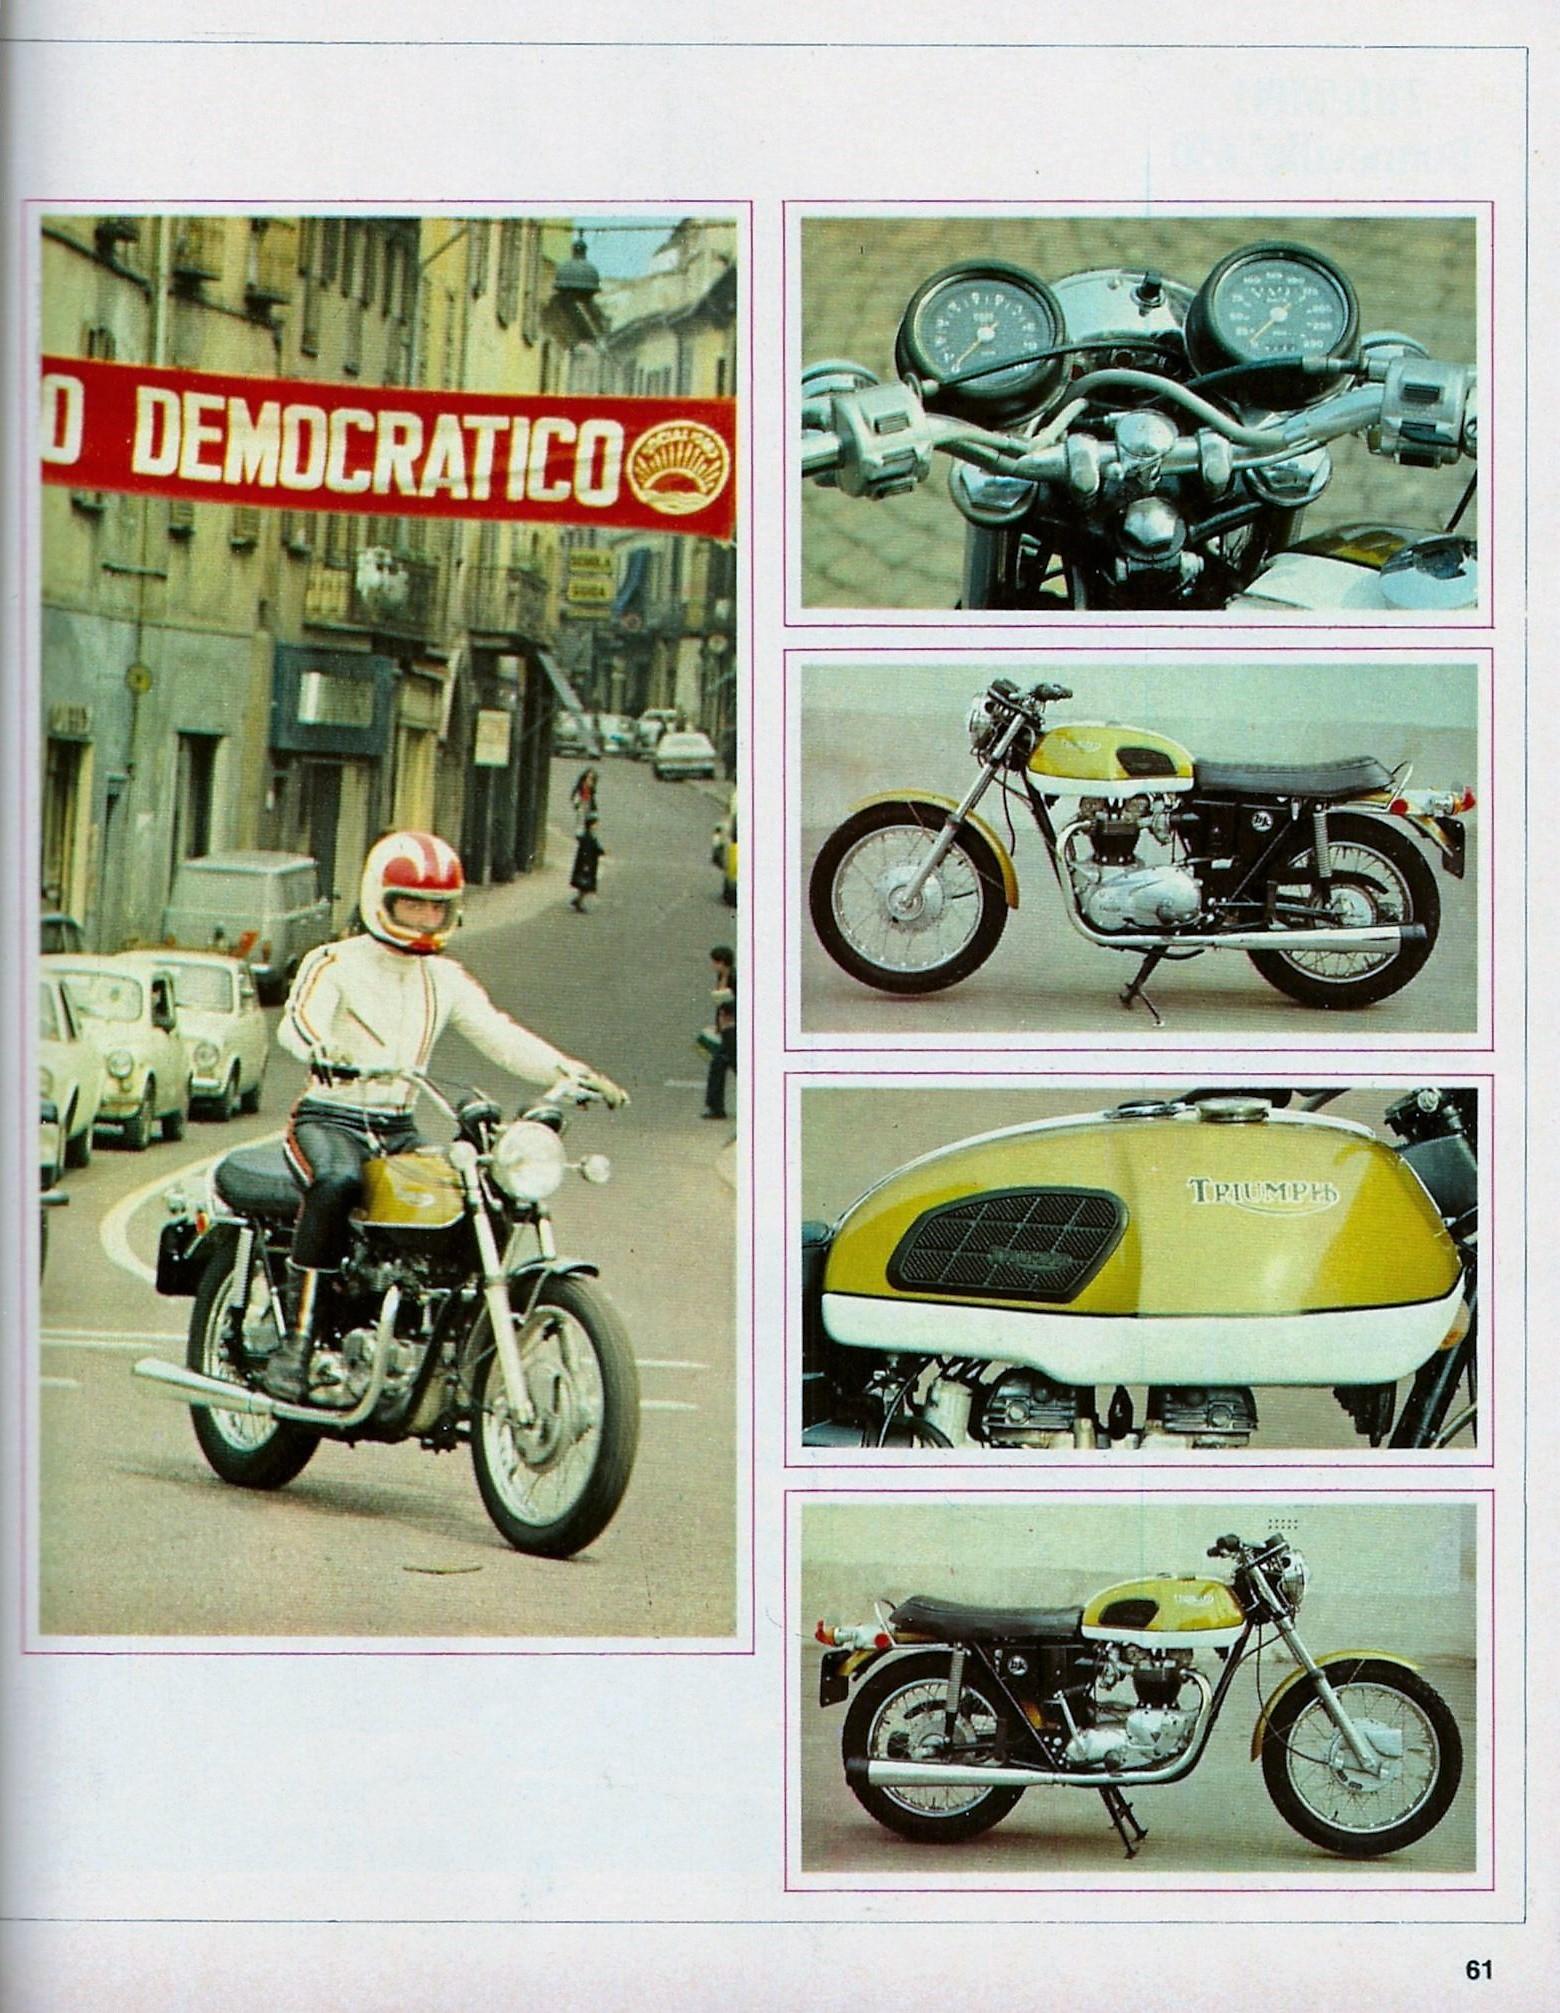 1972 Triumph Bonneville road test.4.jpg